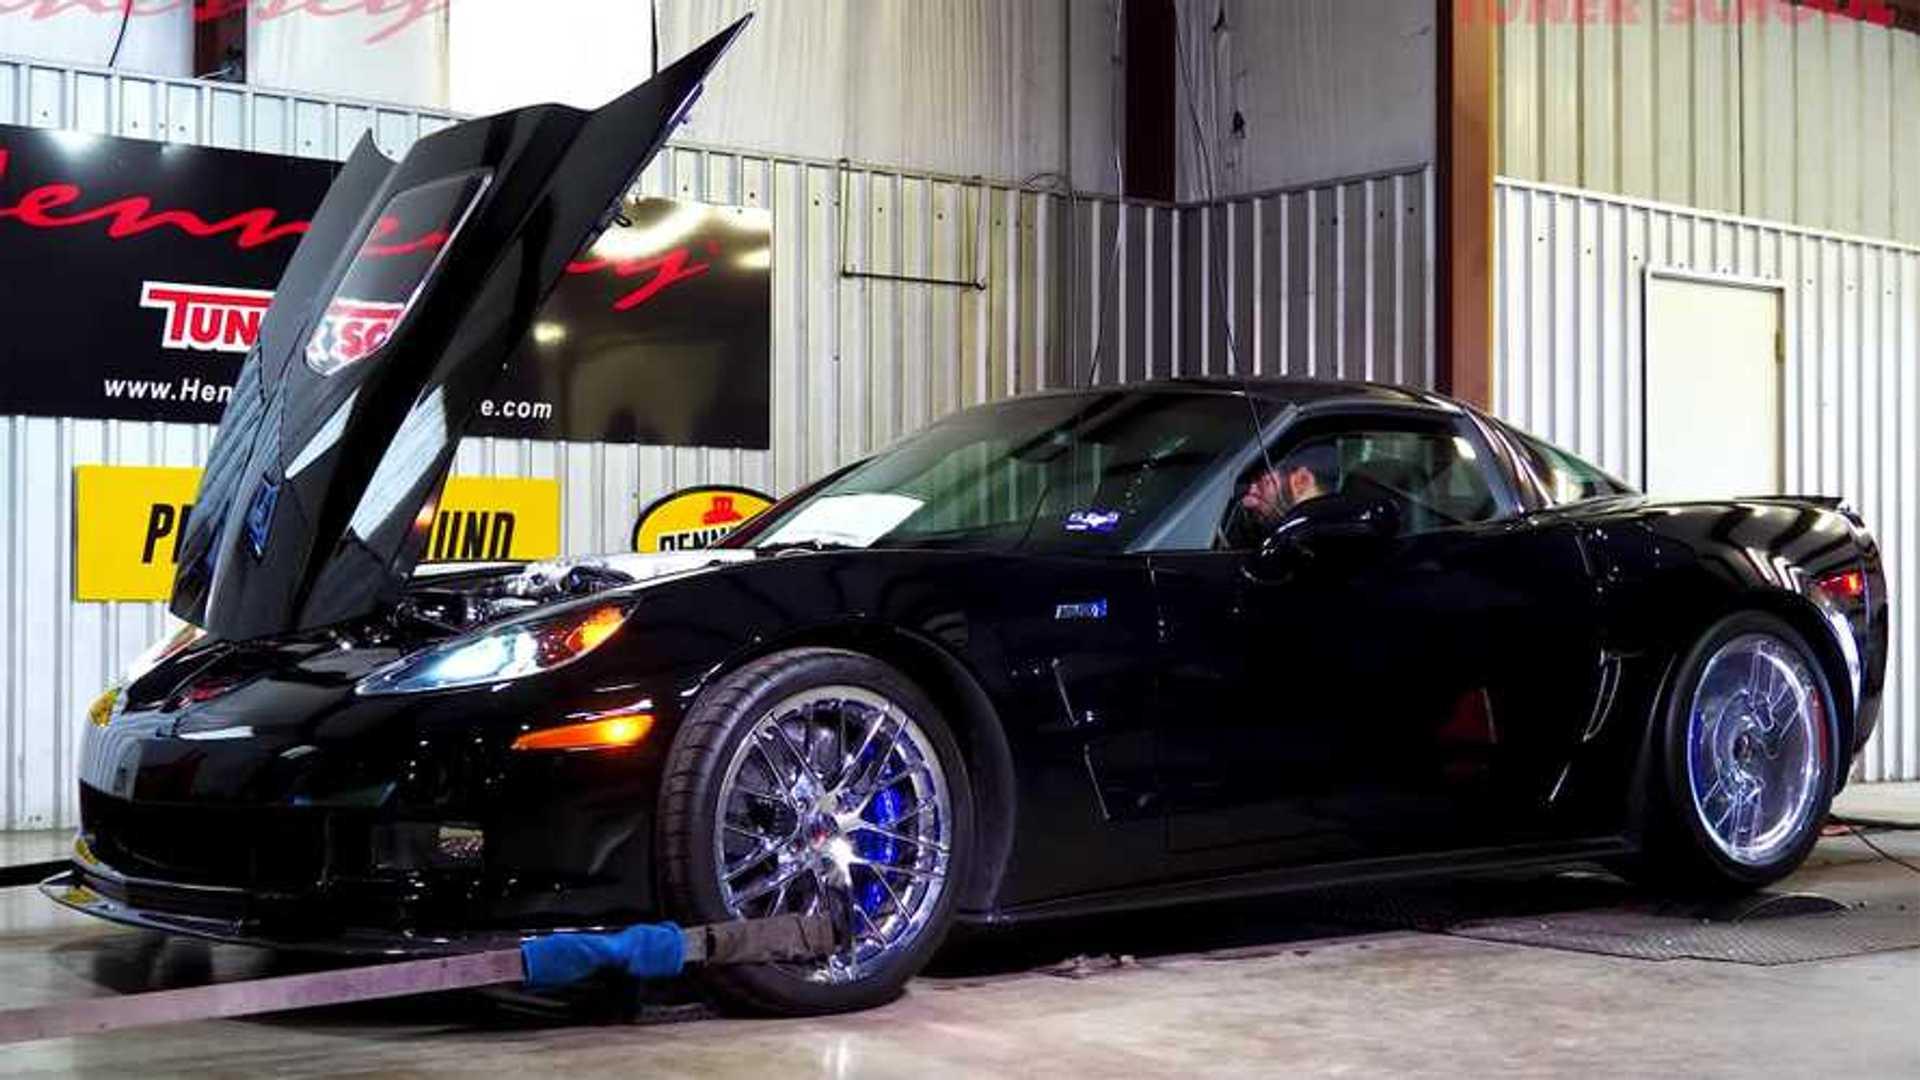 Kelebihan Kekurangan Corvette C6 Zr1 Tangguh